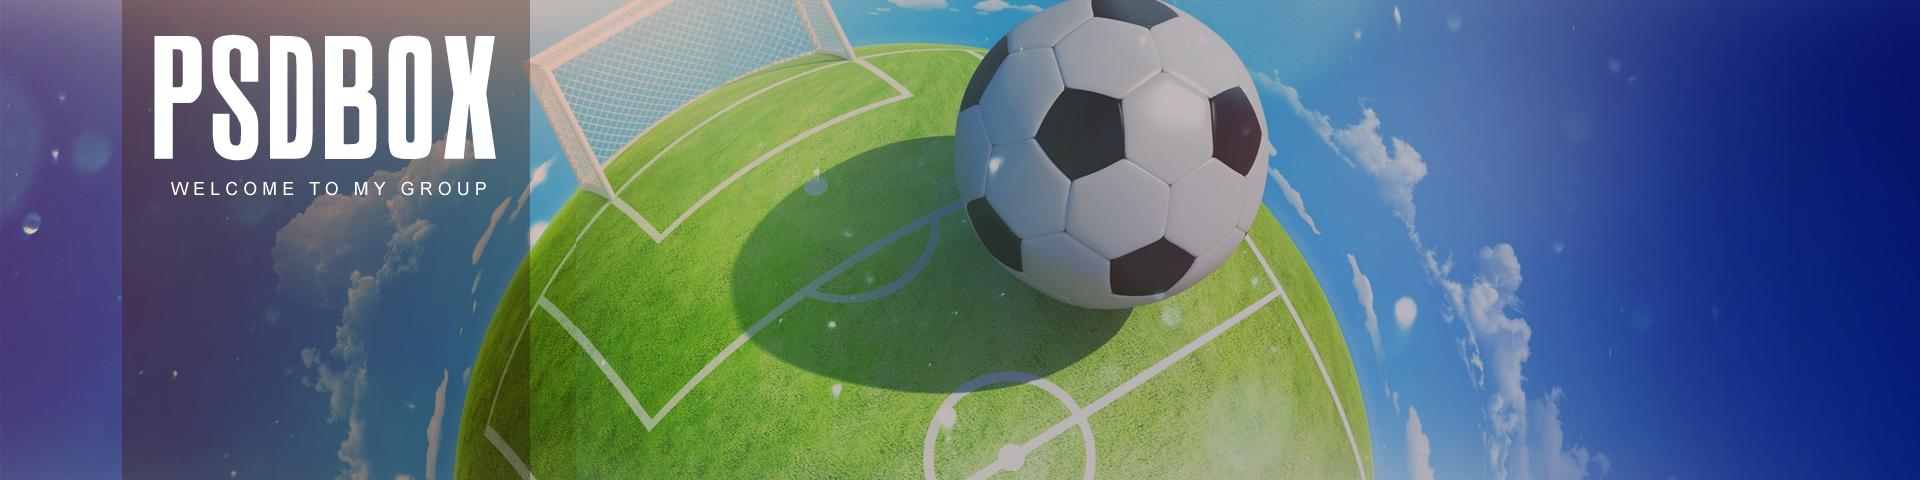 Футбольная Обложка для ВК (скачать)